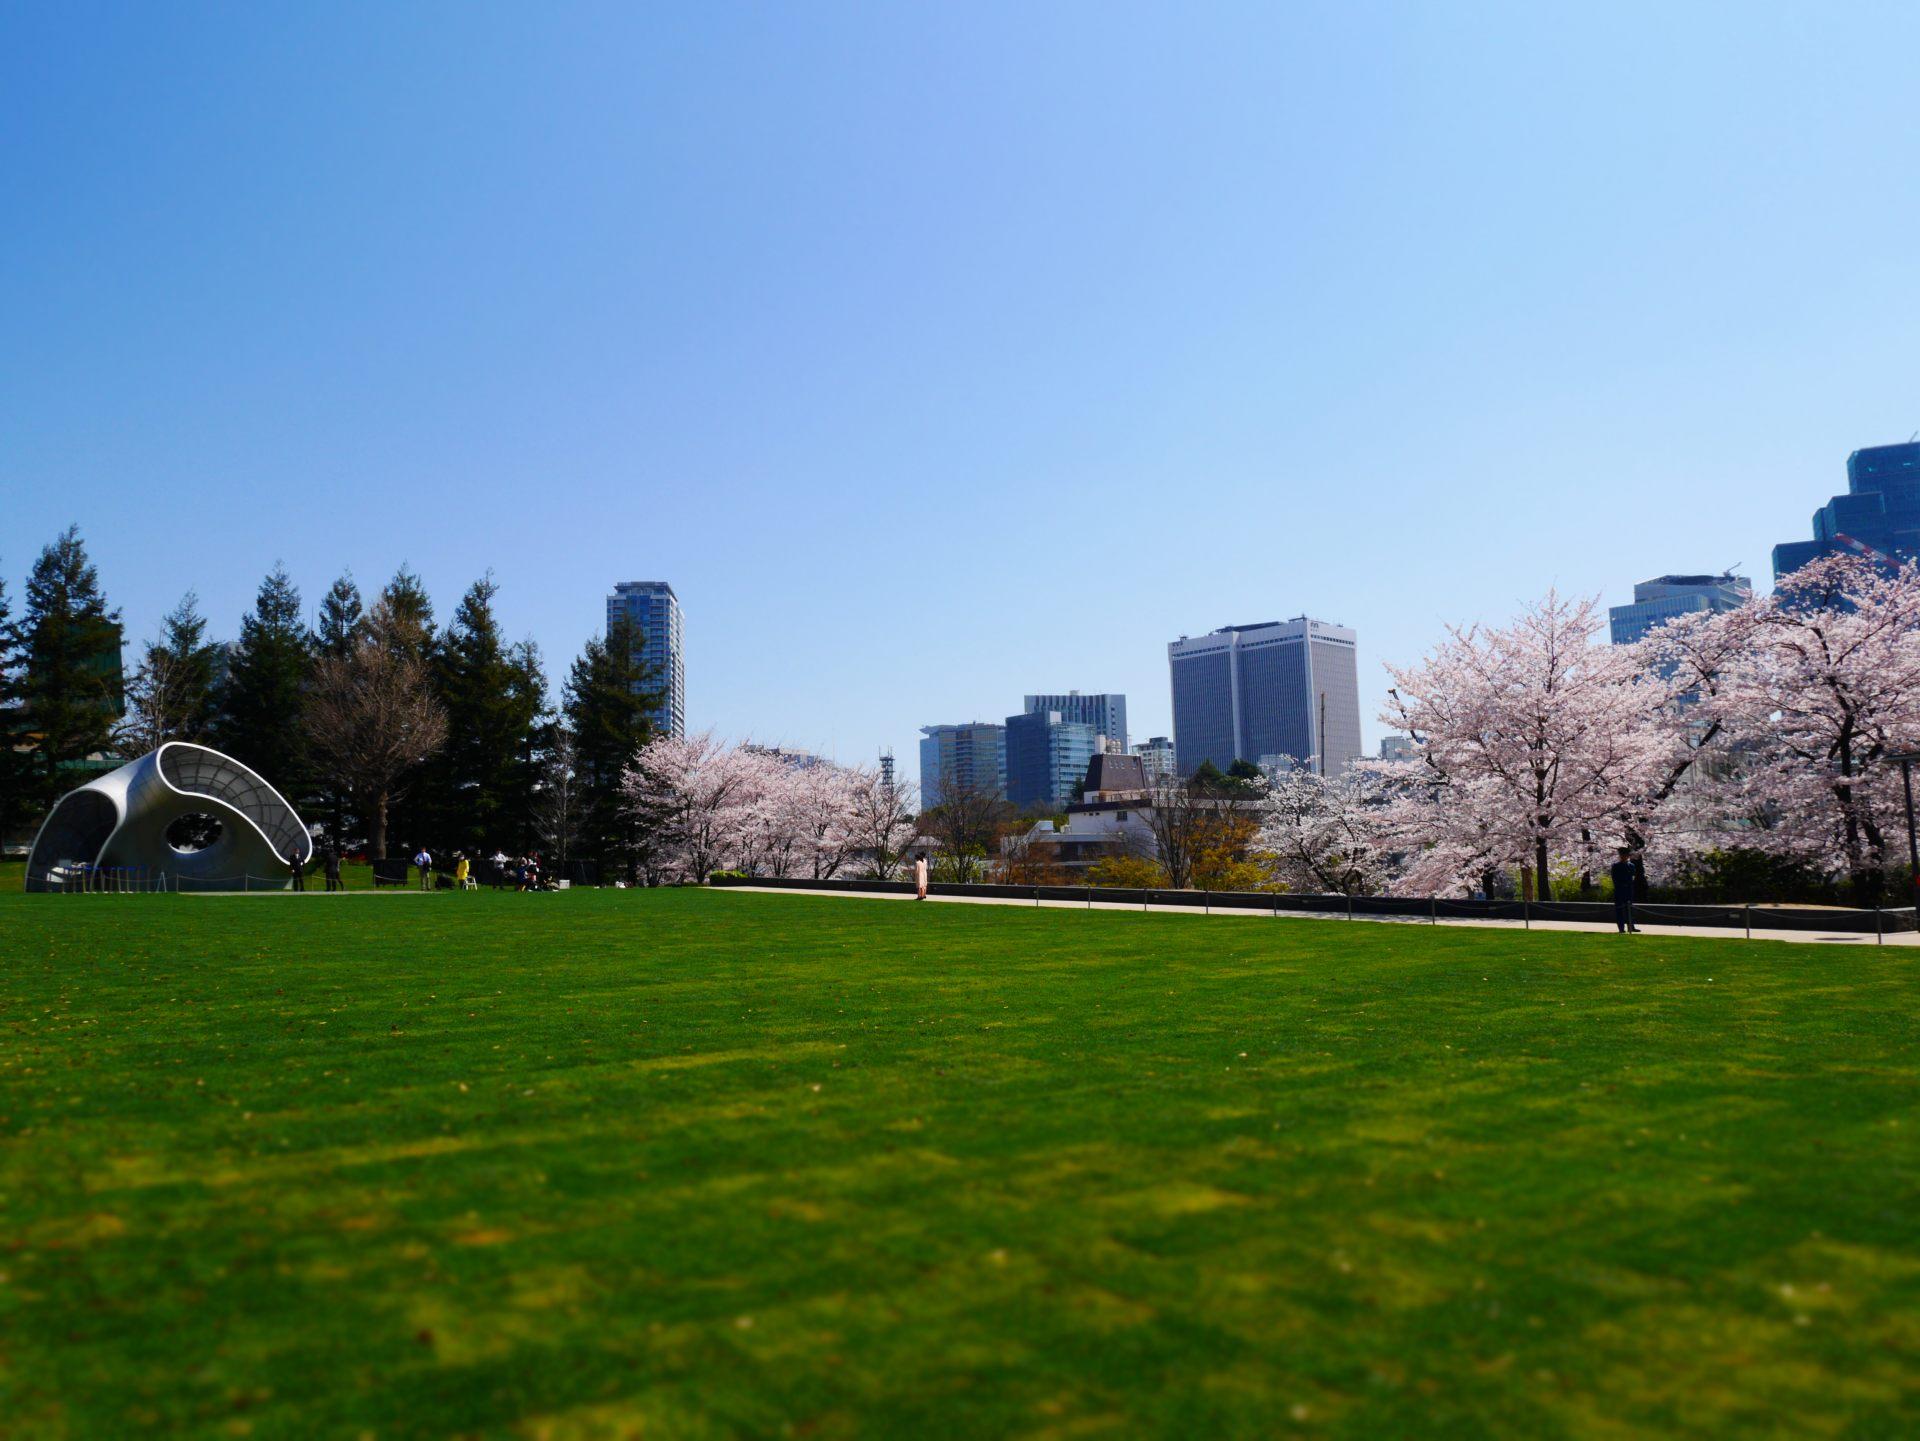 寬大舒適的芝生廣場